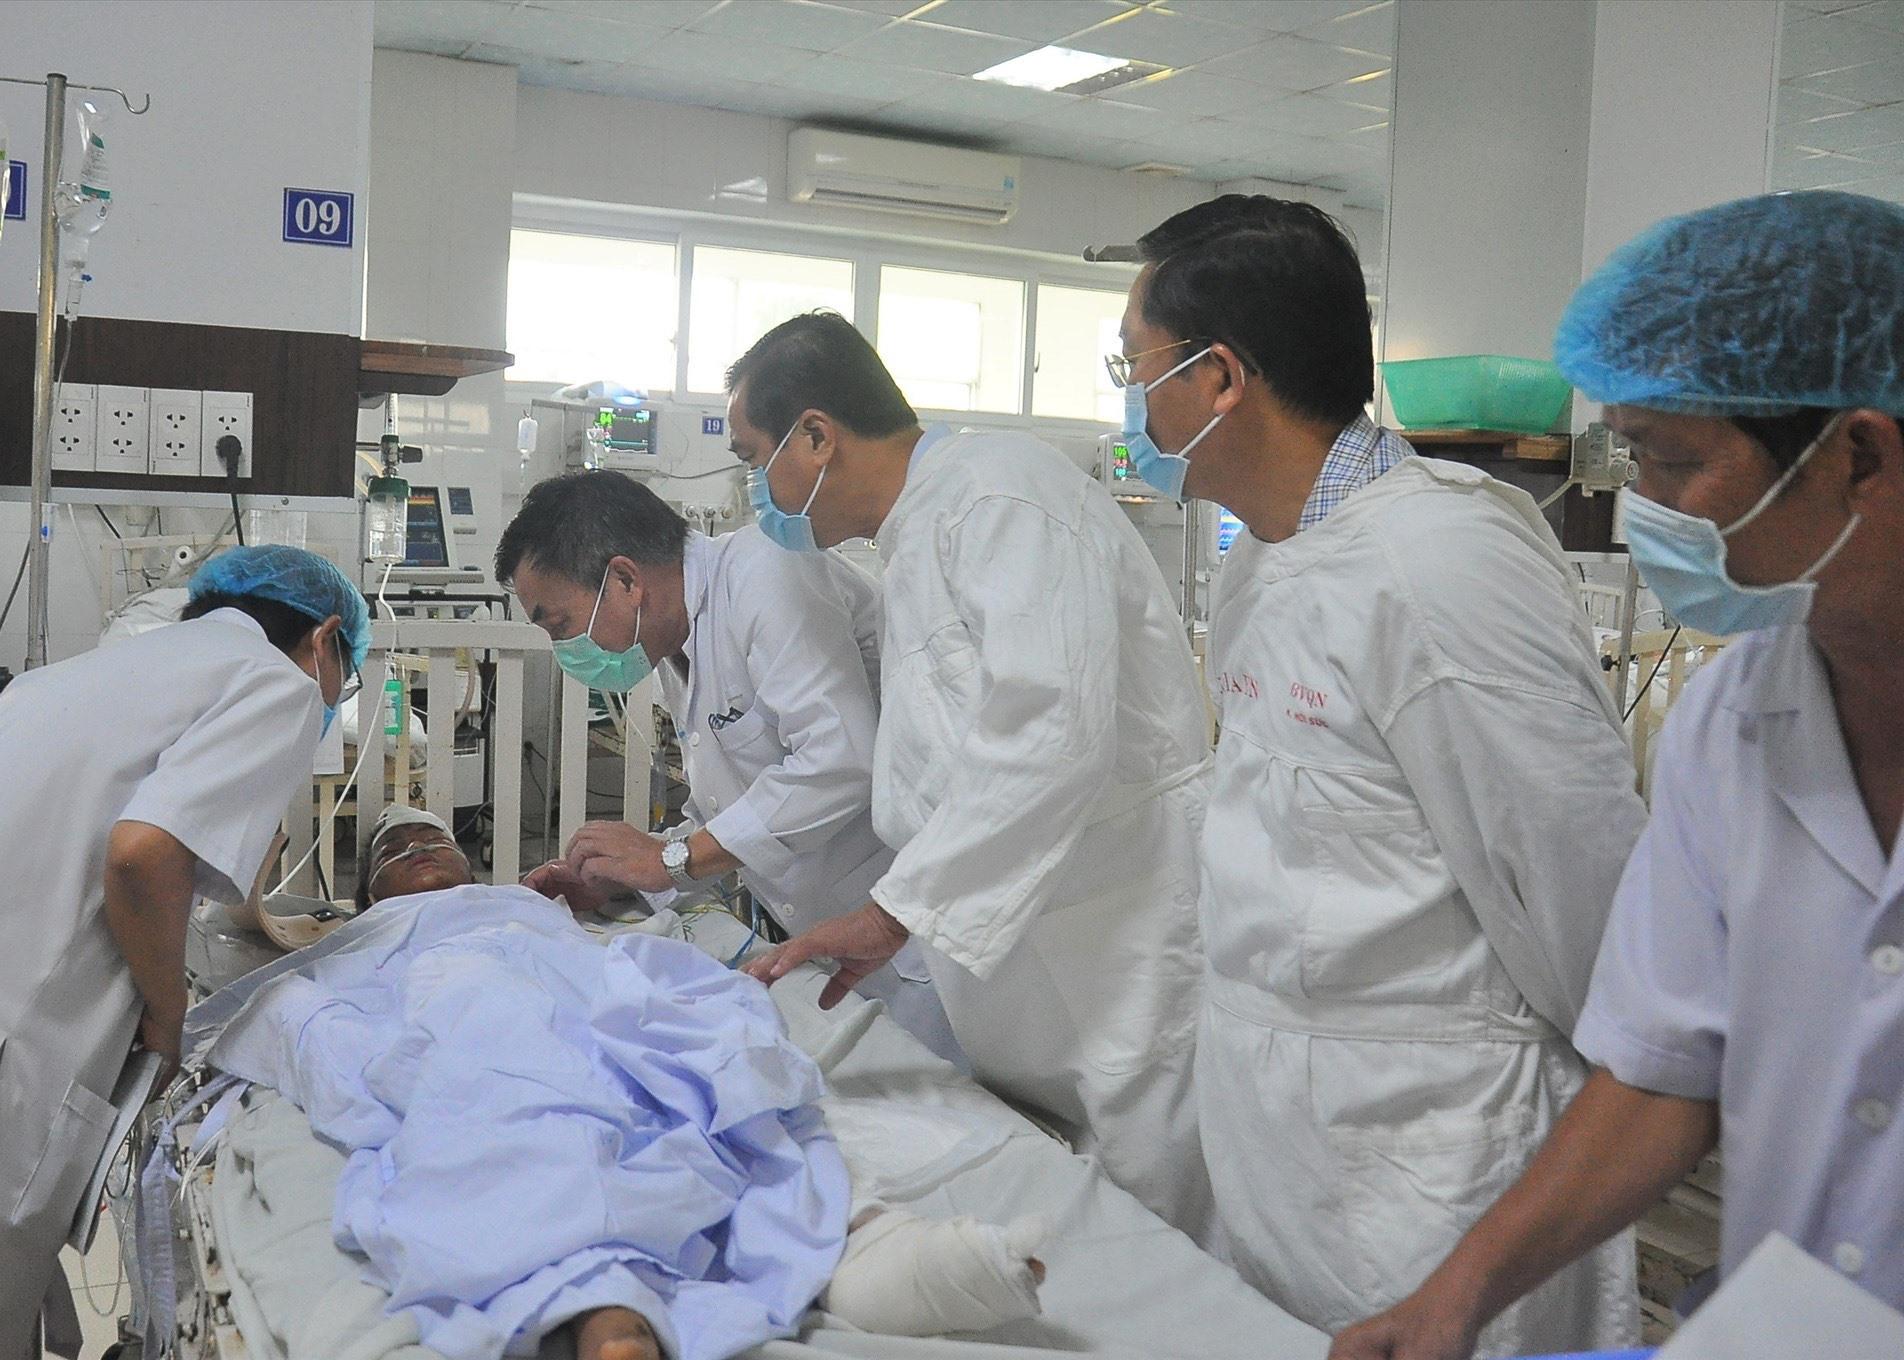 BV Đa khoa tỉnh đang thực hiện lộ trình xây dựng y tế thông minh, tạo diều kiện khám chữa bệnh tốt nhất cho người dân.Ảnh: H.A